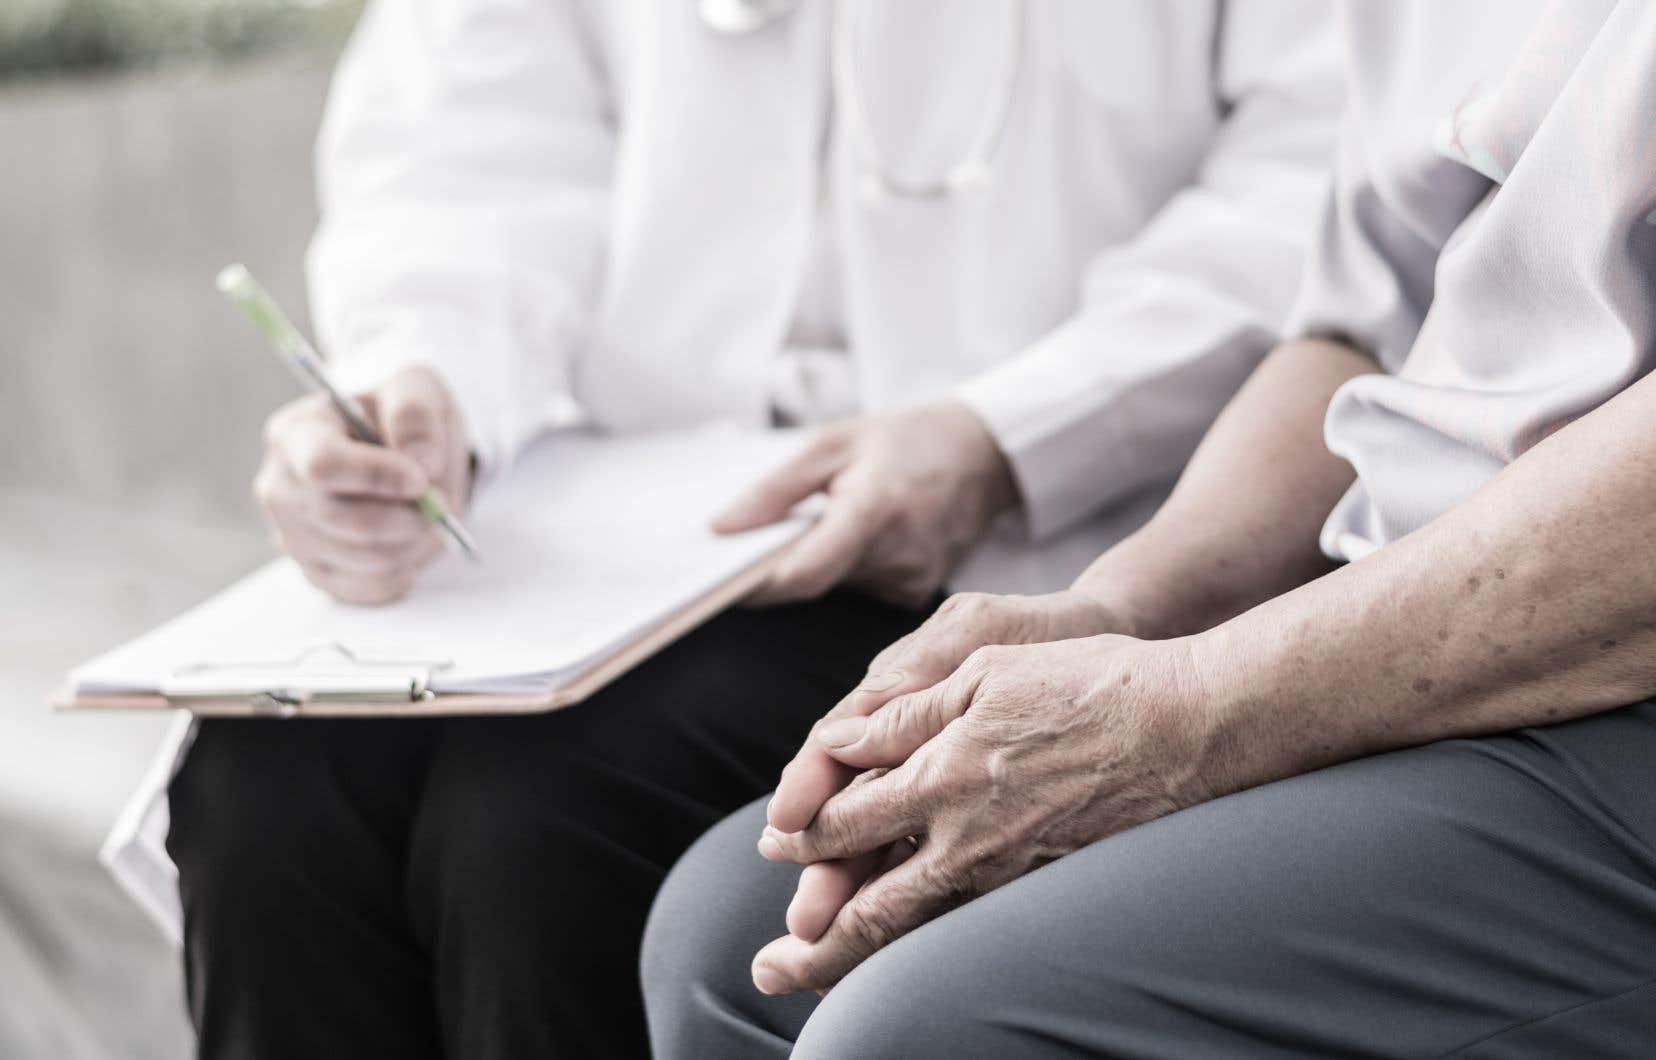 Les quelque 1500 médecins âgés de 70 ans et plus au Québec ne devraient pas travailler, selon les directives du gouvernement.